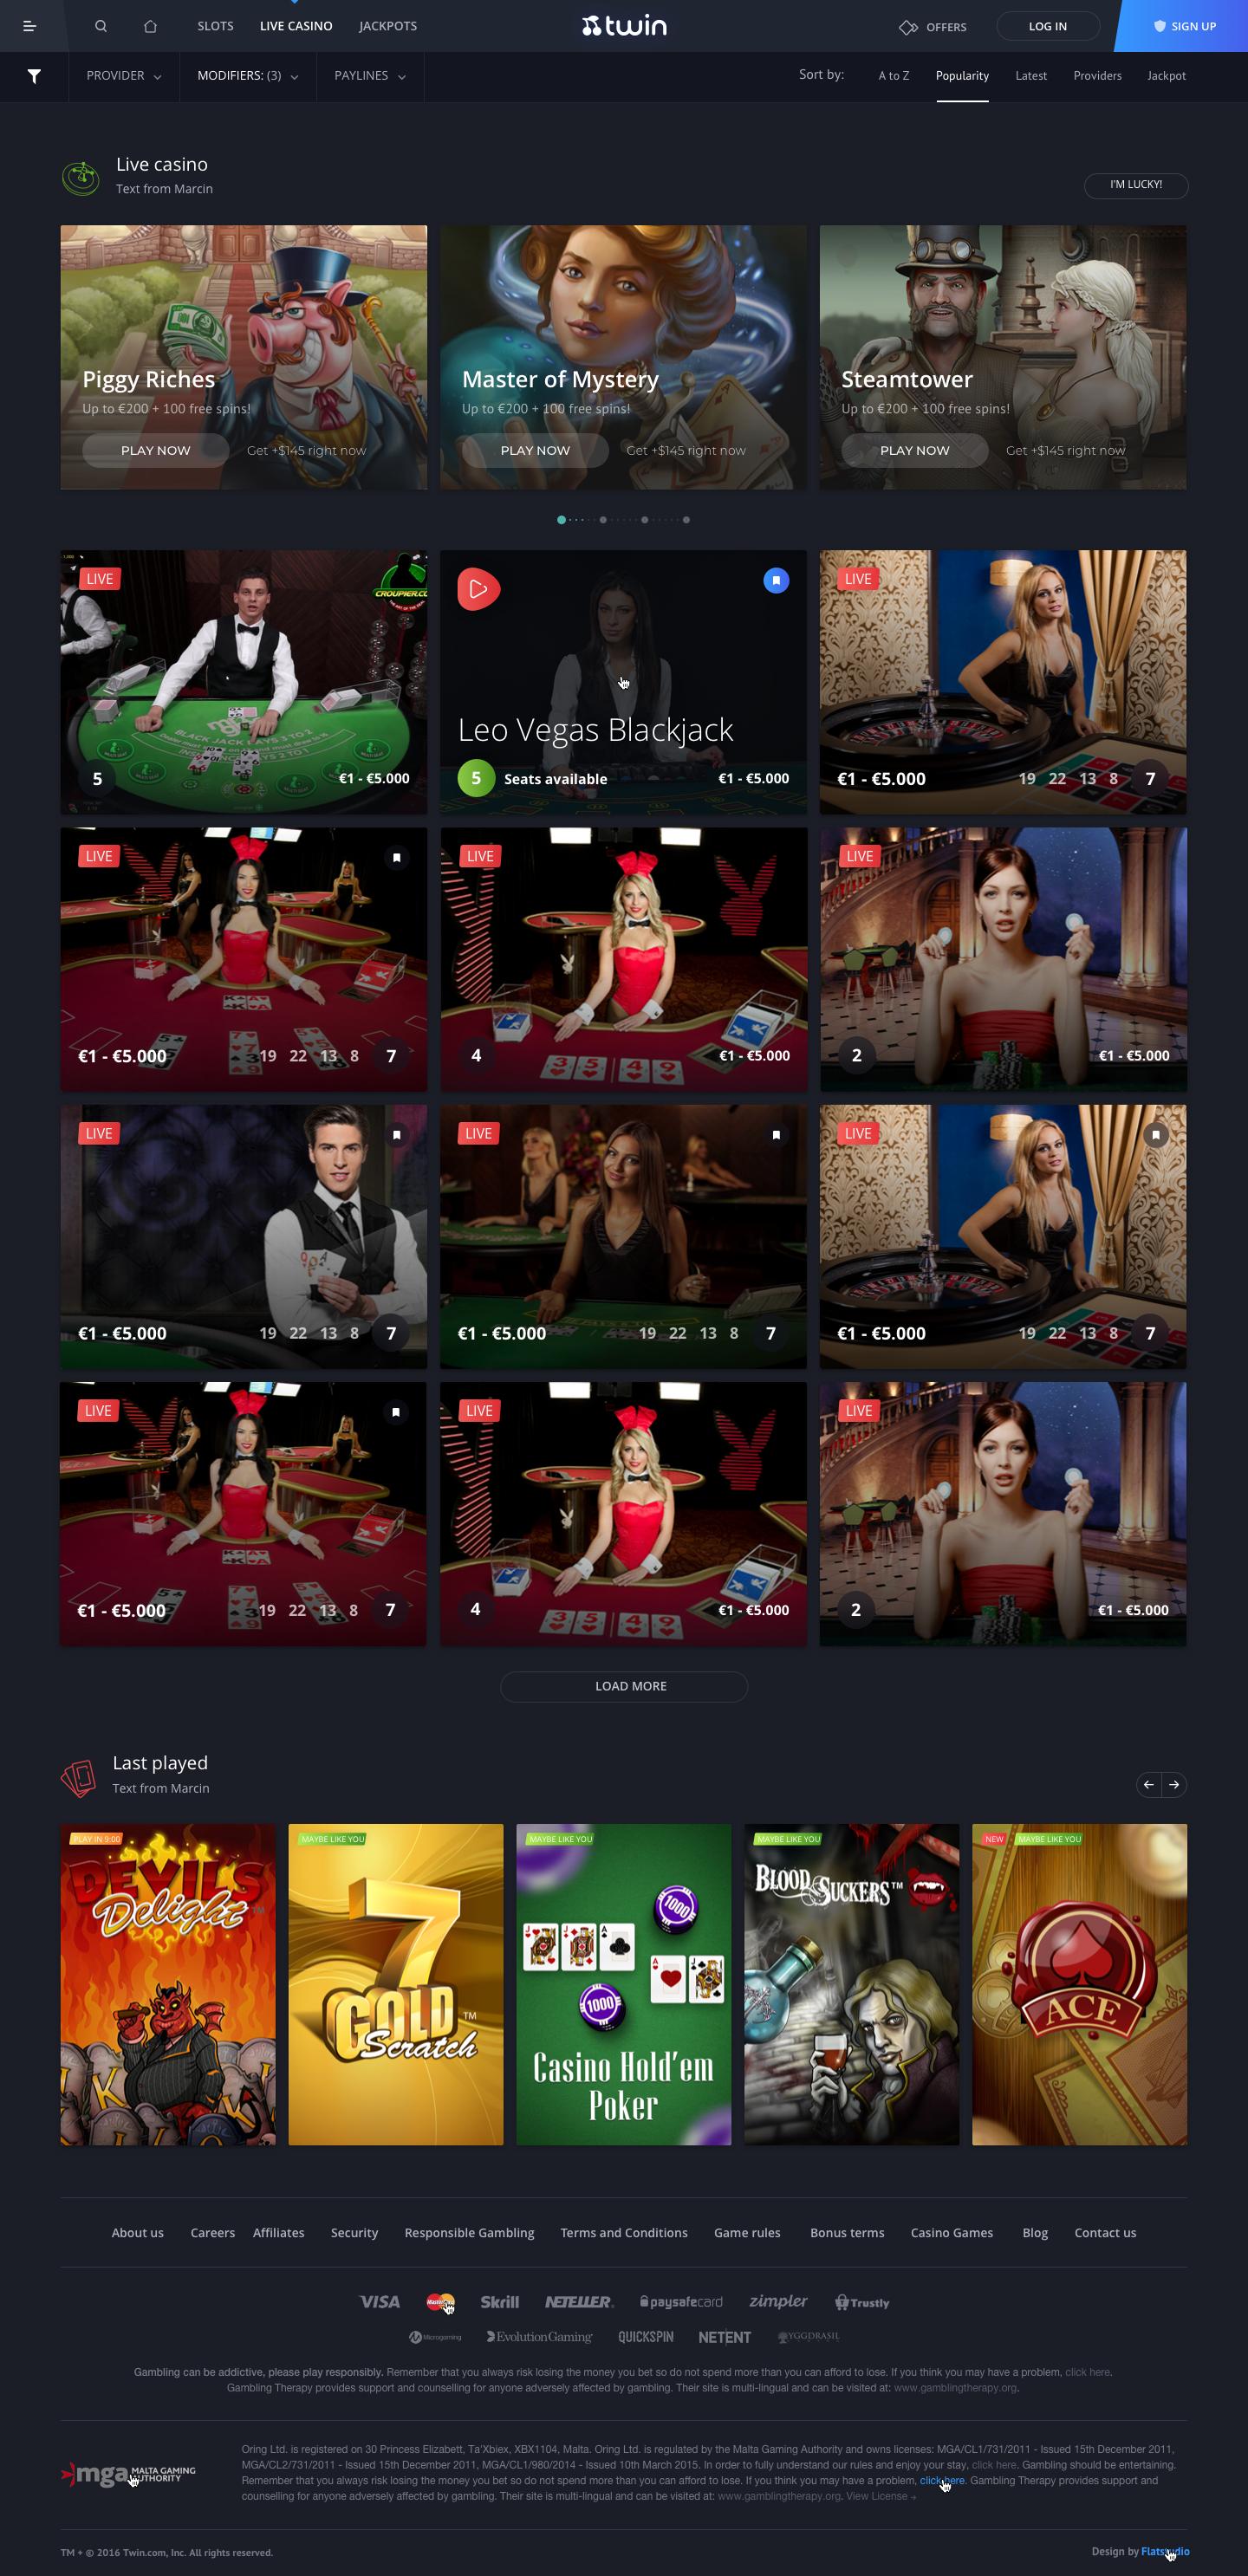 Live casino 1440